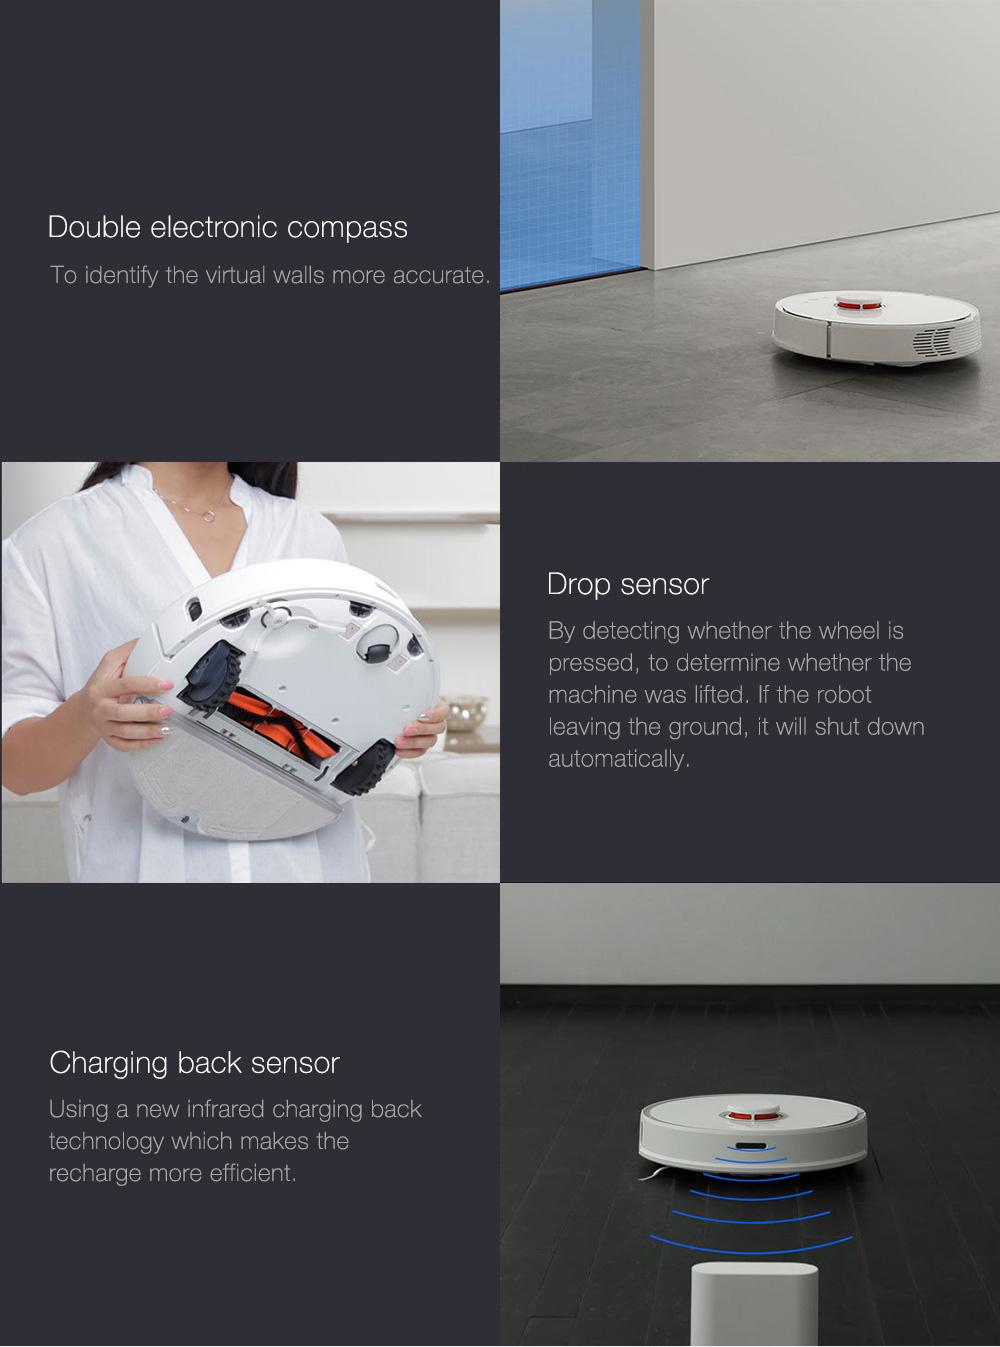 Xiaomi-Mi-Robot-Vacuum-Cleaner-2-20170921175309540 (1)